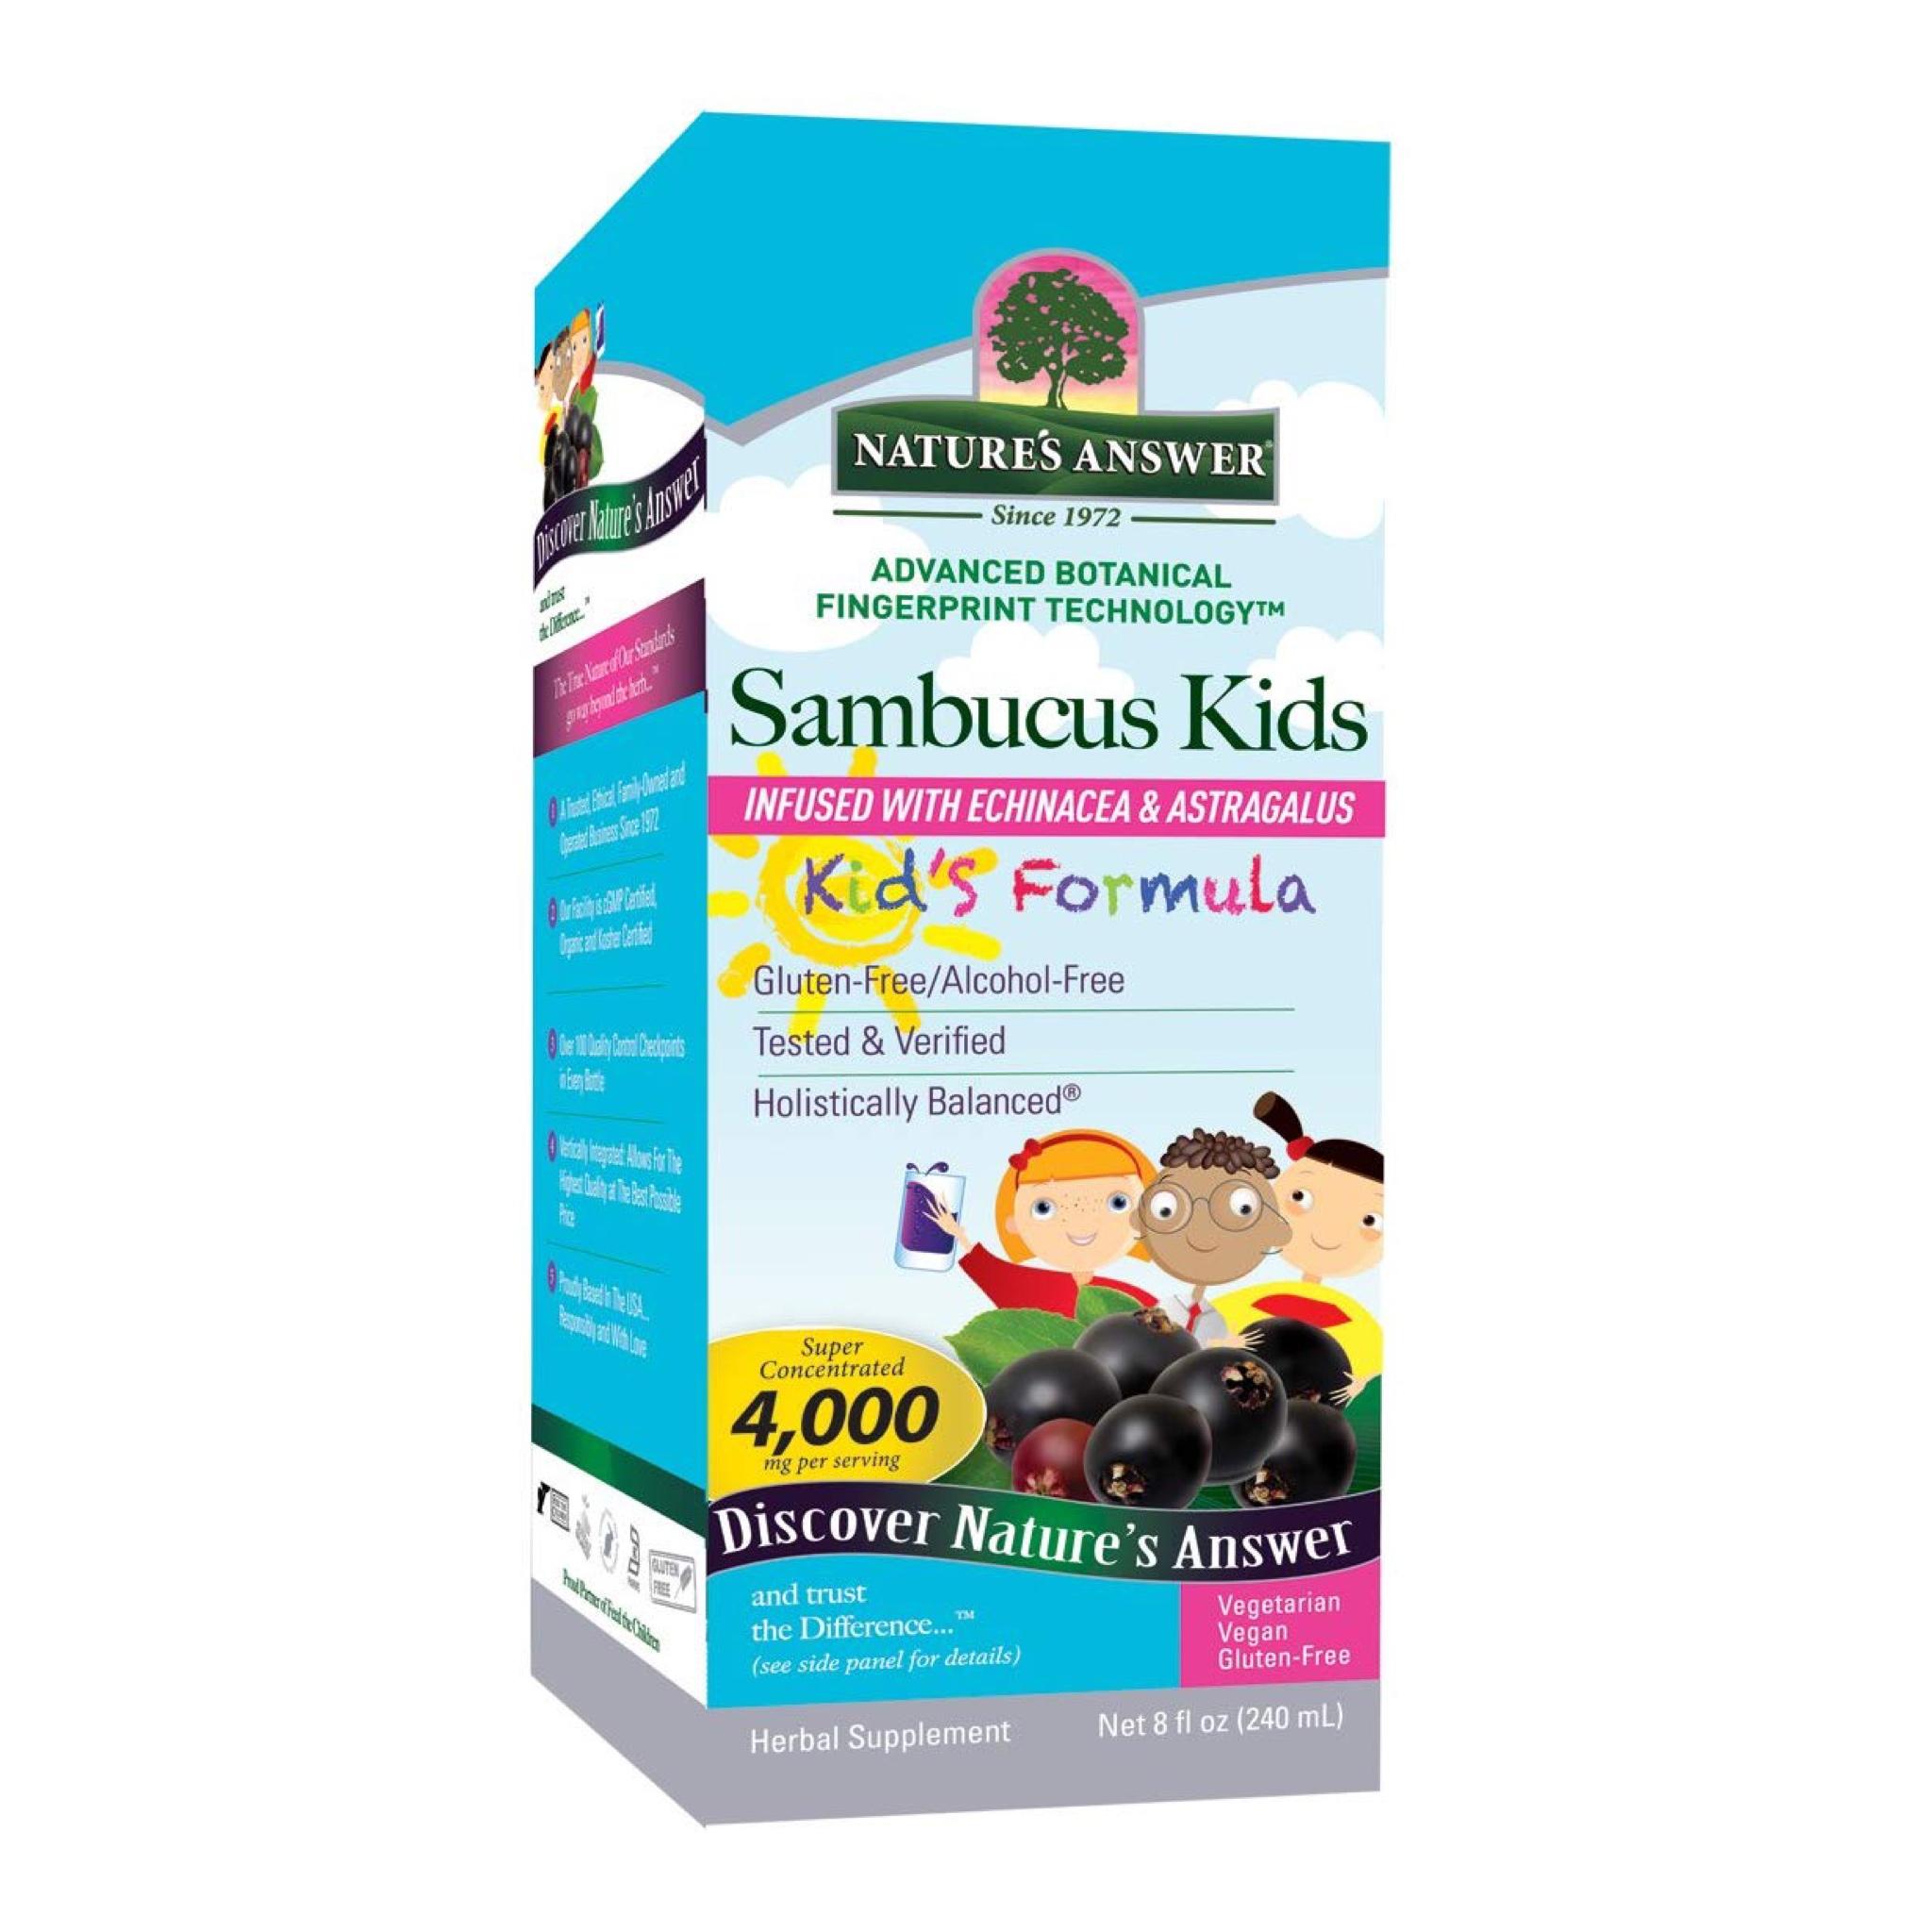 วิตามินเสริมภูมิคุ้มกันสำหรับเด็ก Nature's Answer Sambucus Kid's Formula - Infused with Echinacea & Astragalus (240ml.)